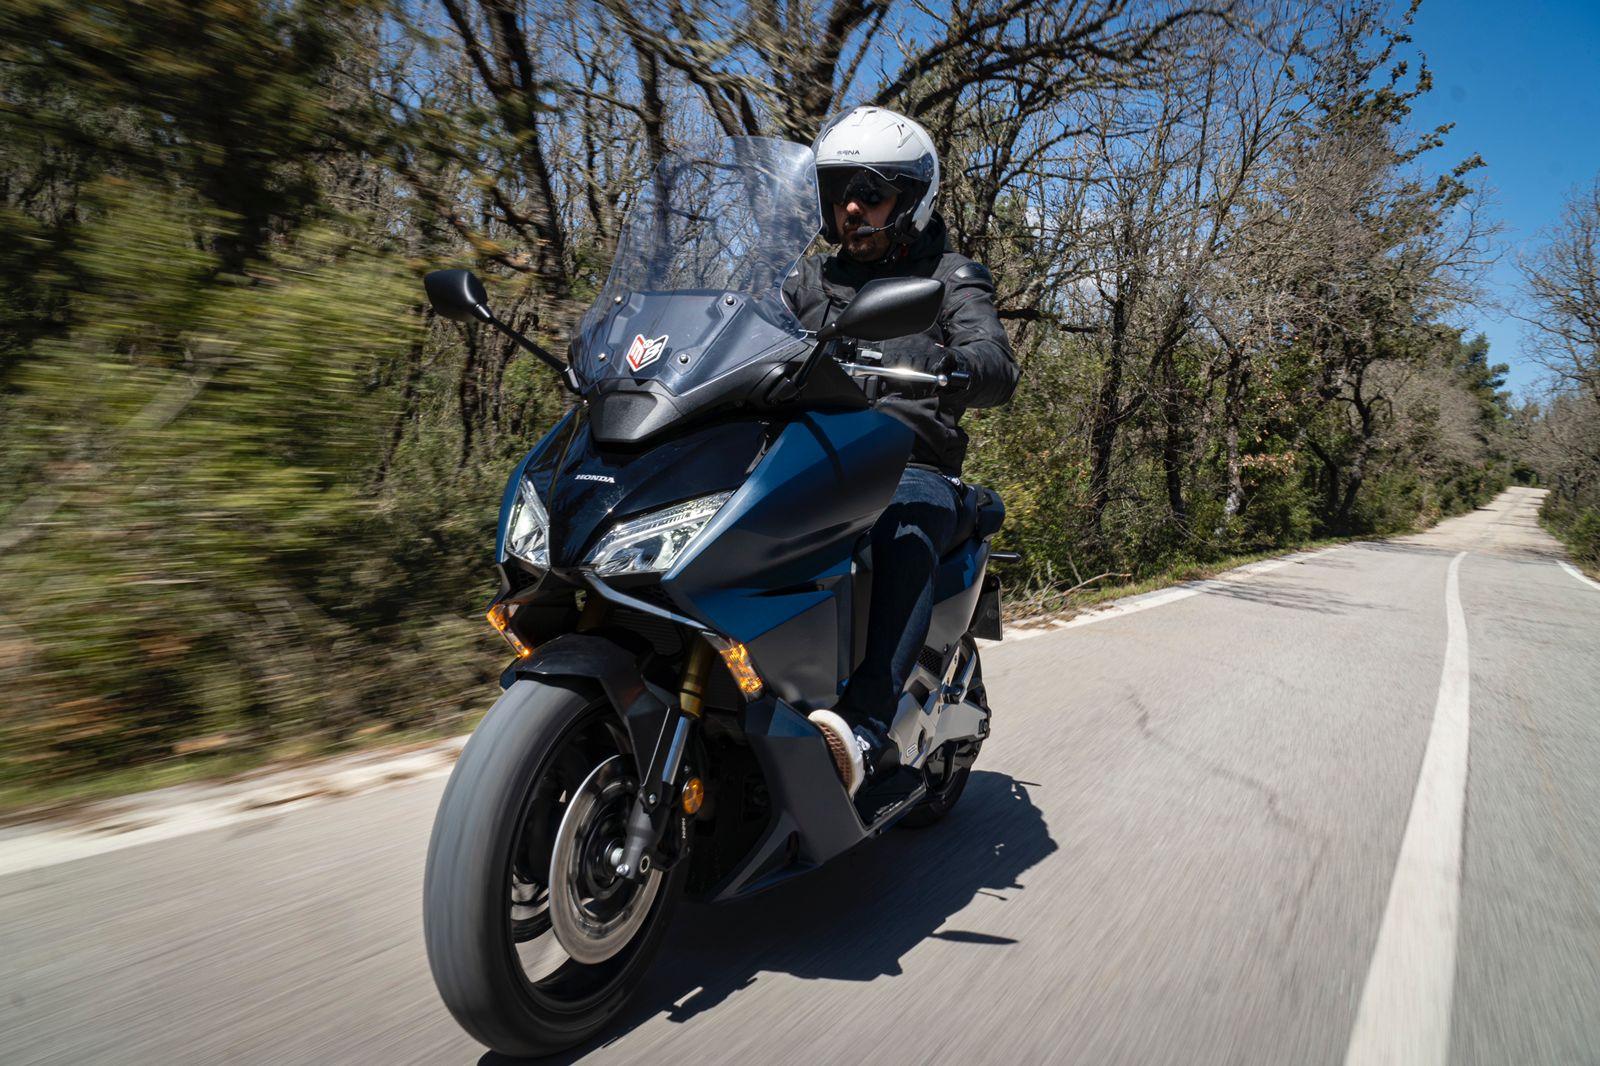 Honda Forza 750 test ride